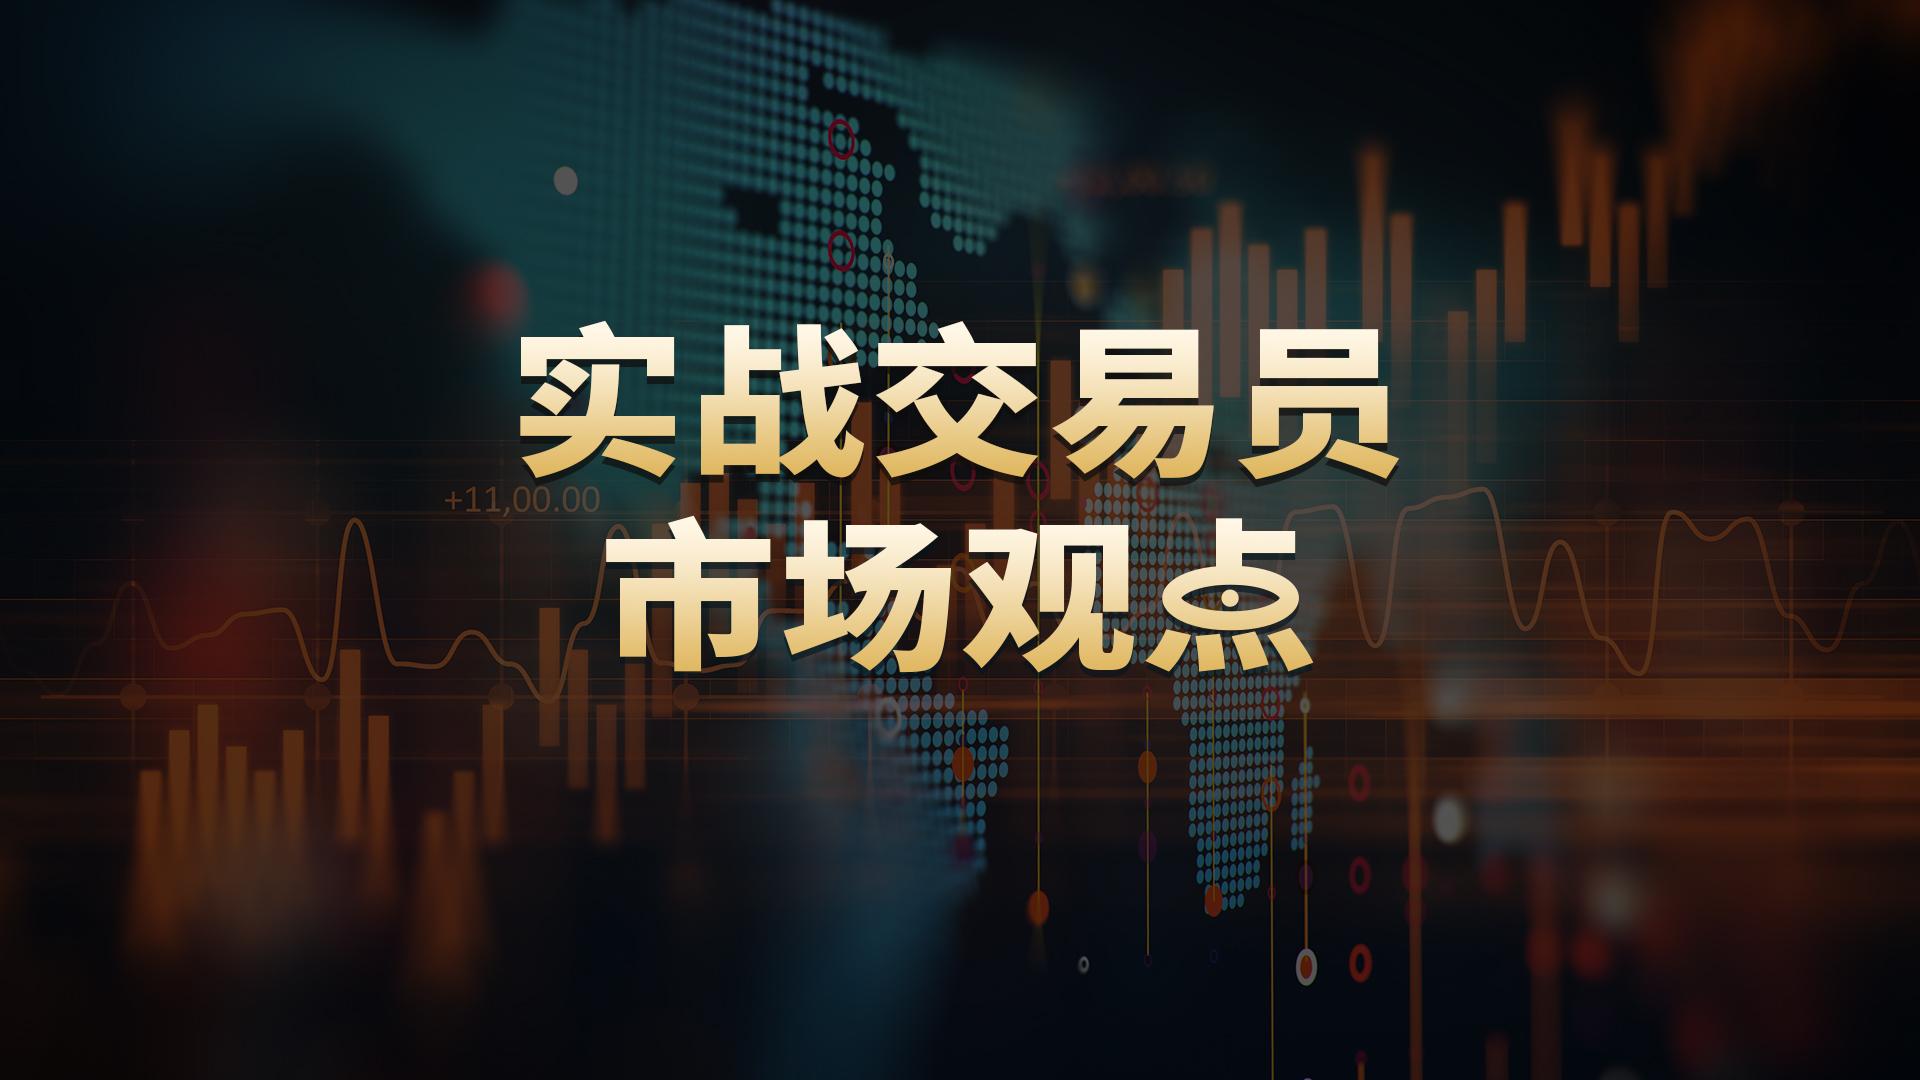 实战交易员市场观点-4月8日加元&欧元相关品种